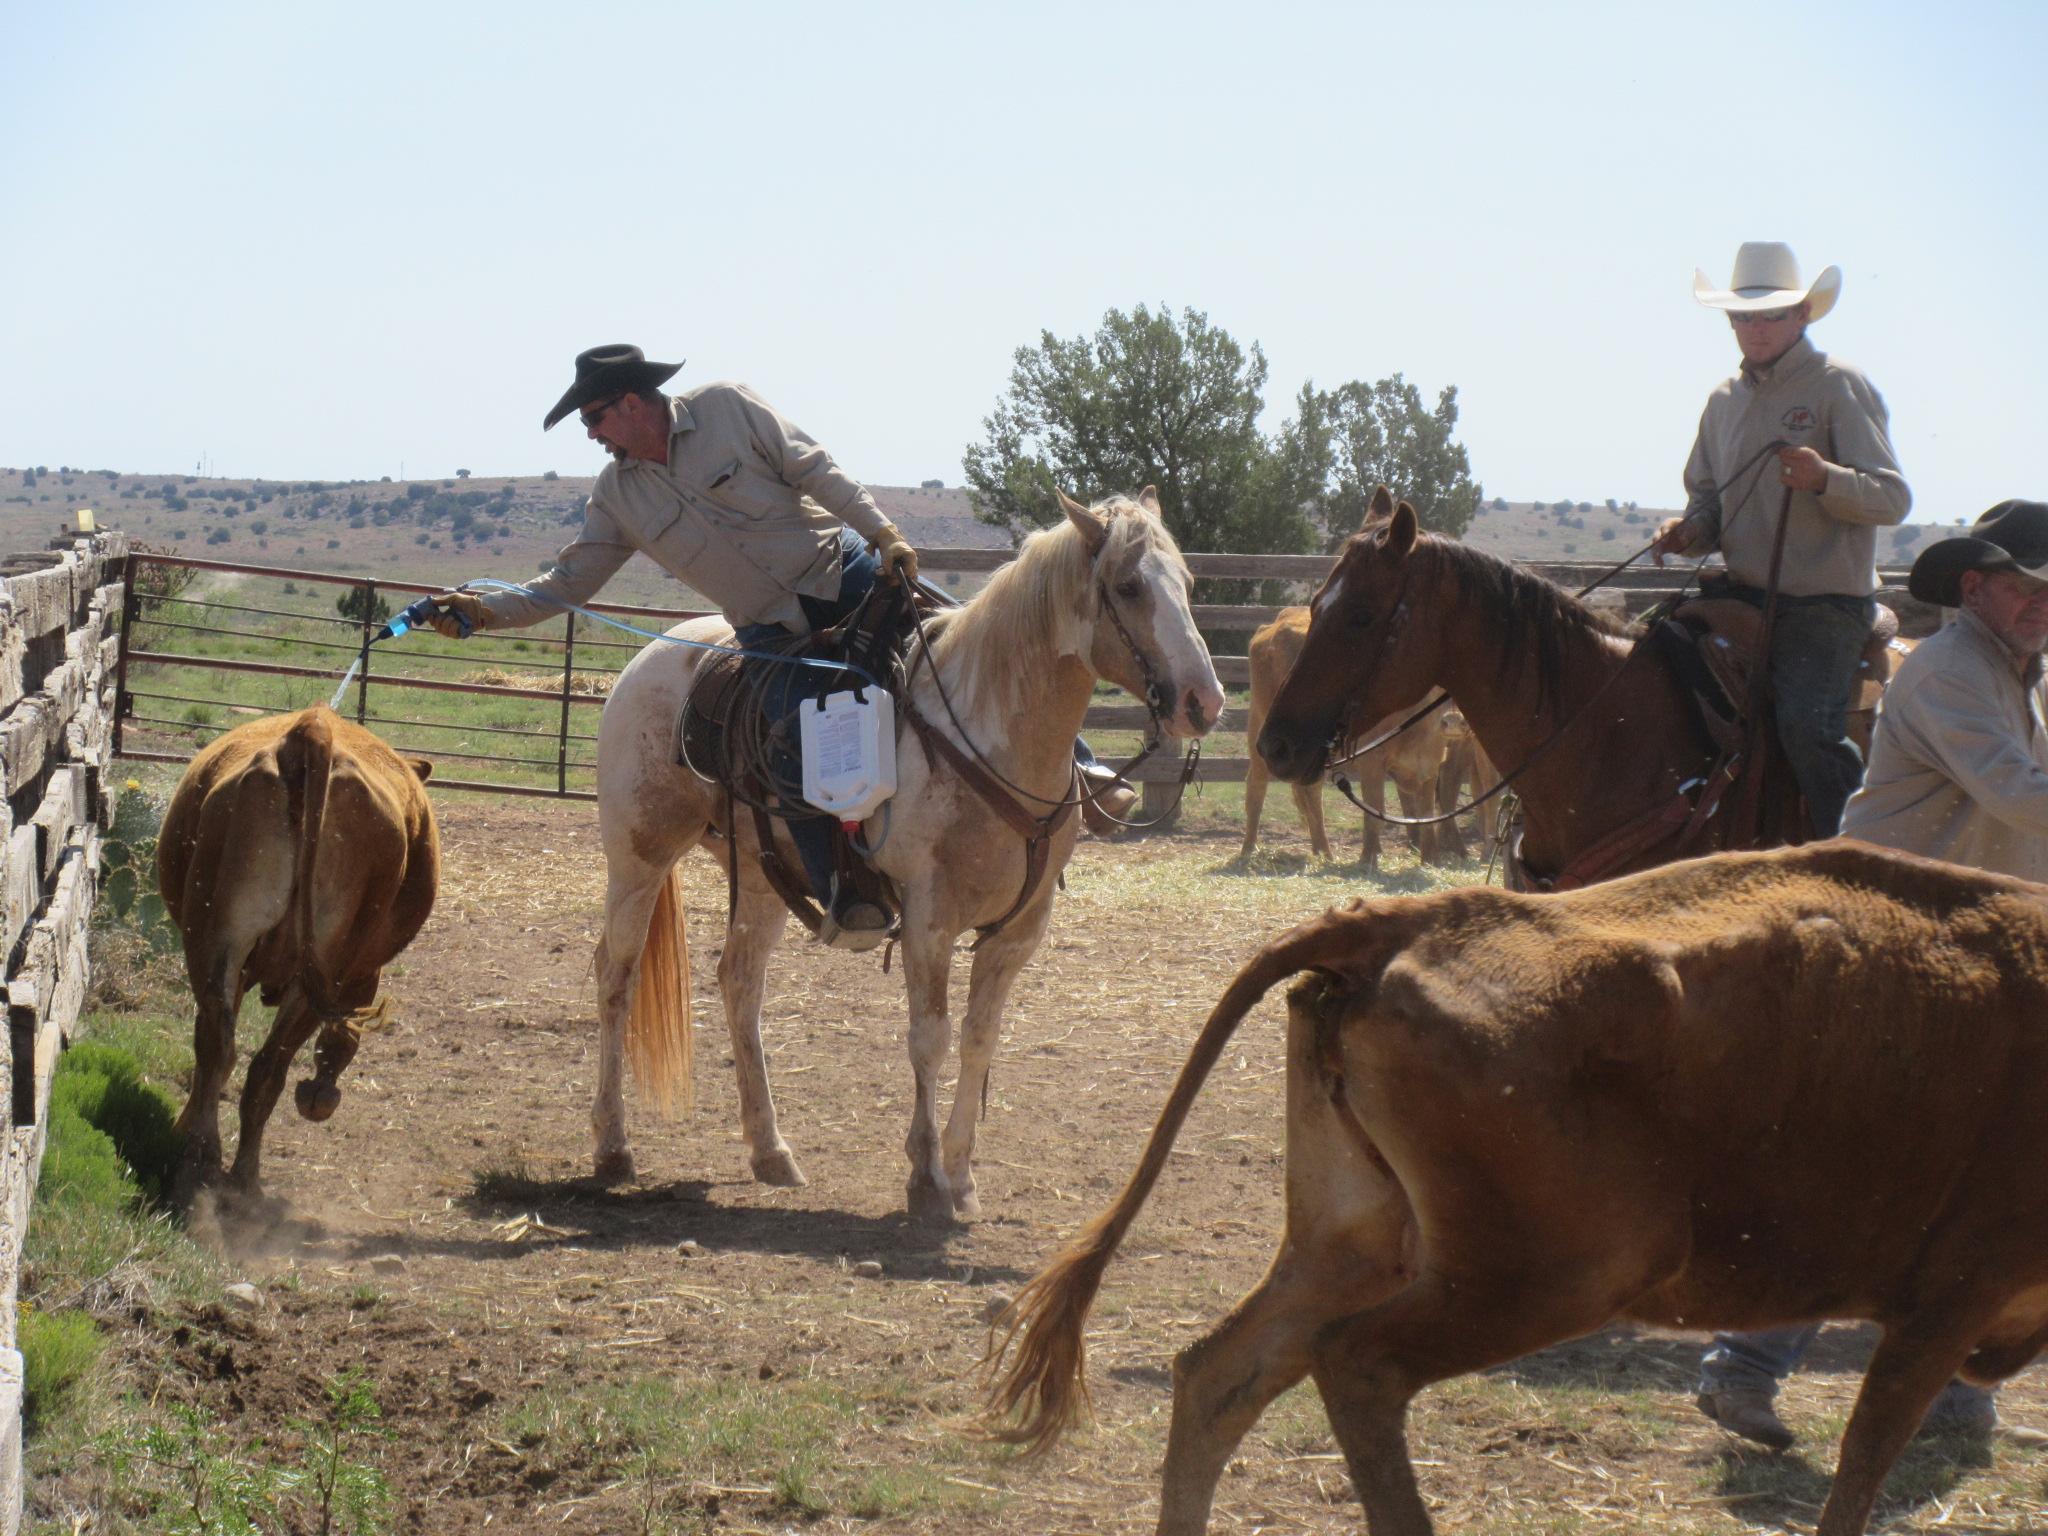 The cows got sprayed with dewormer (by Joe on Repete).  Die Kühe wurden mit Entwurmer besprüht (durch Joe auf Repete).